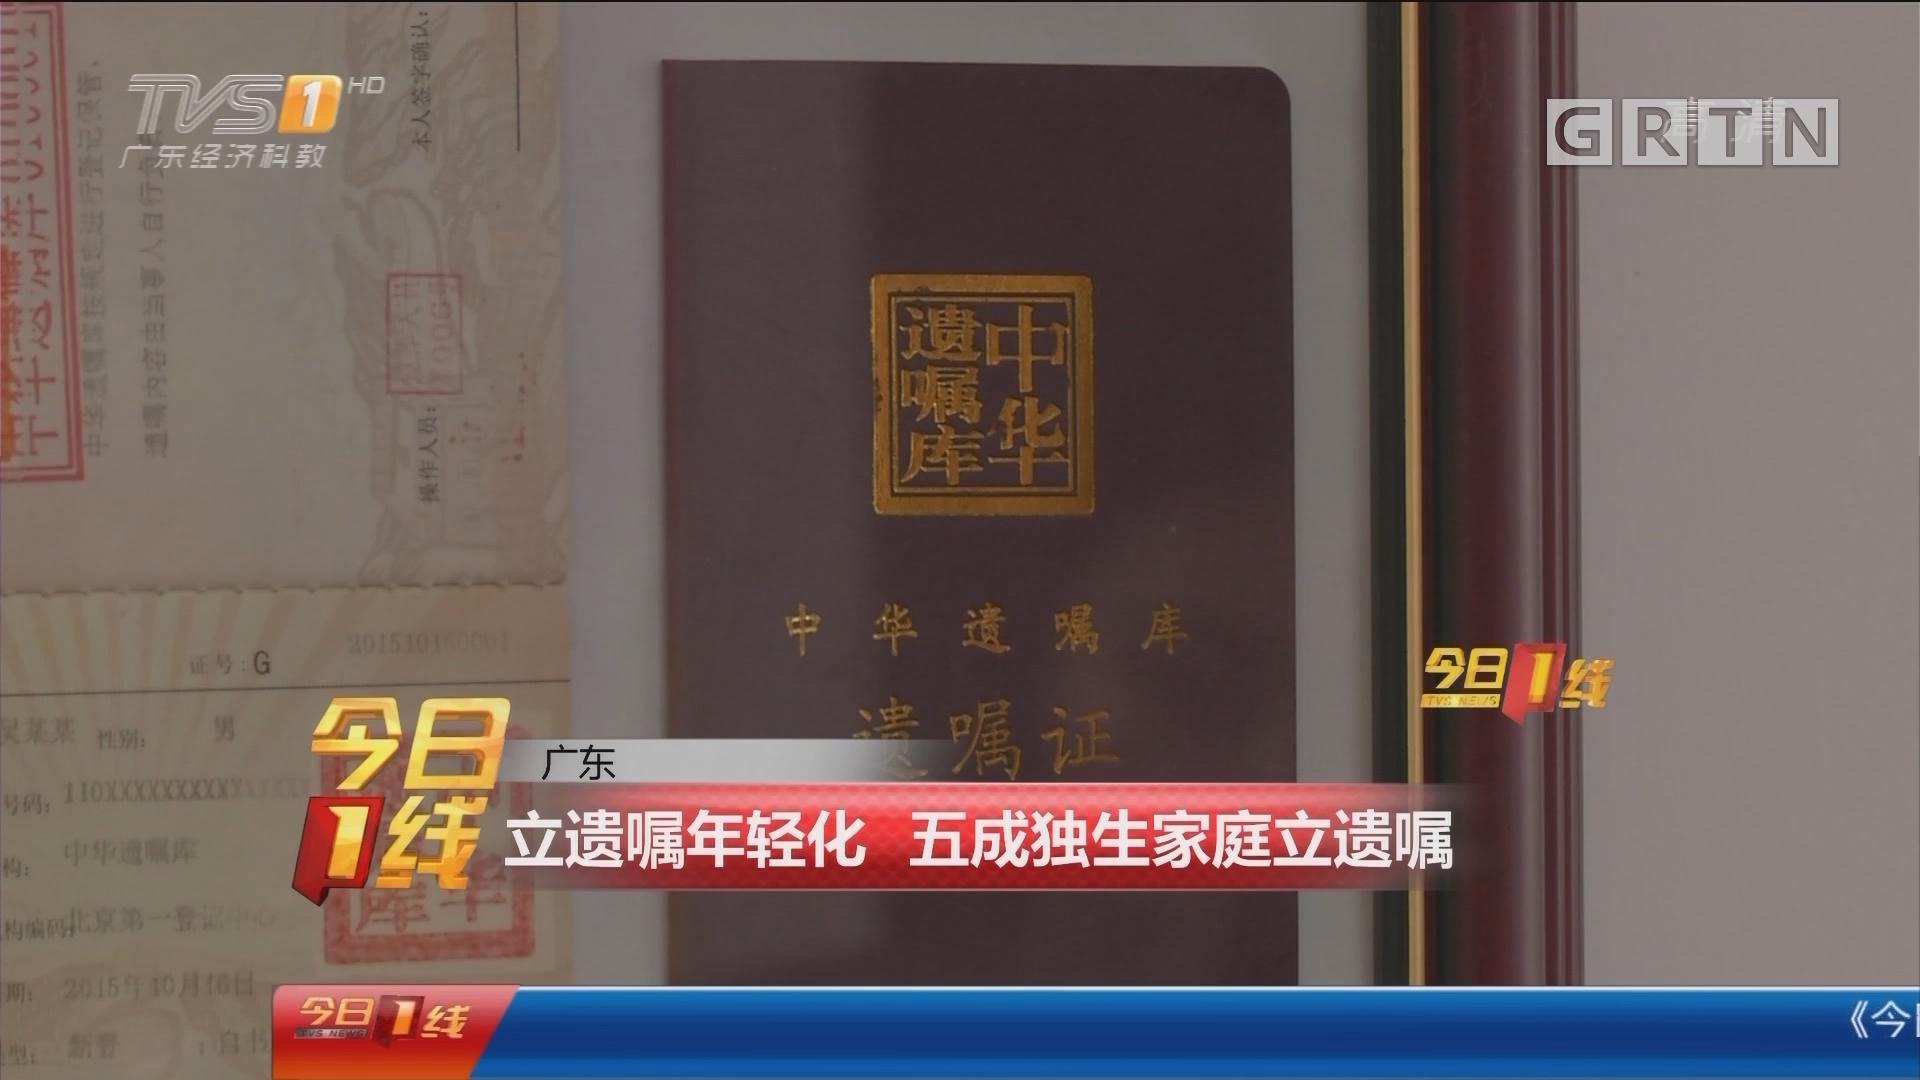 广东:立遗嘱年轻化 五成独生家庭立遗嘱